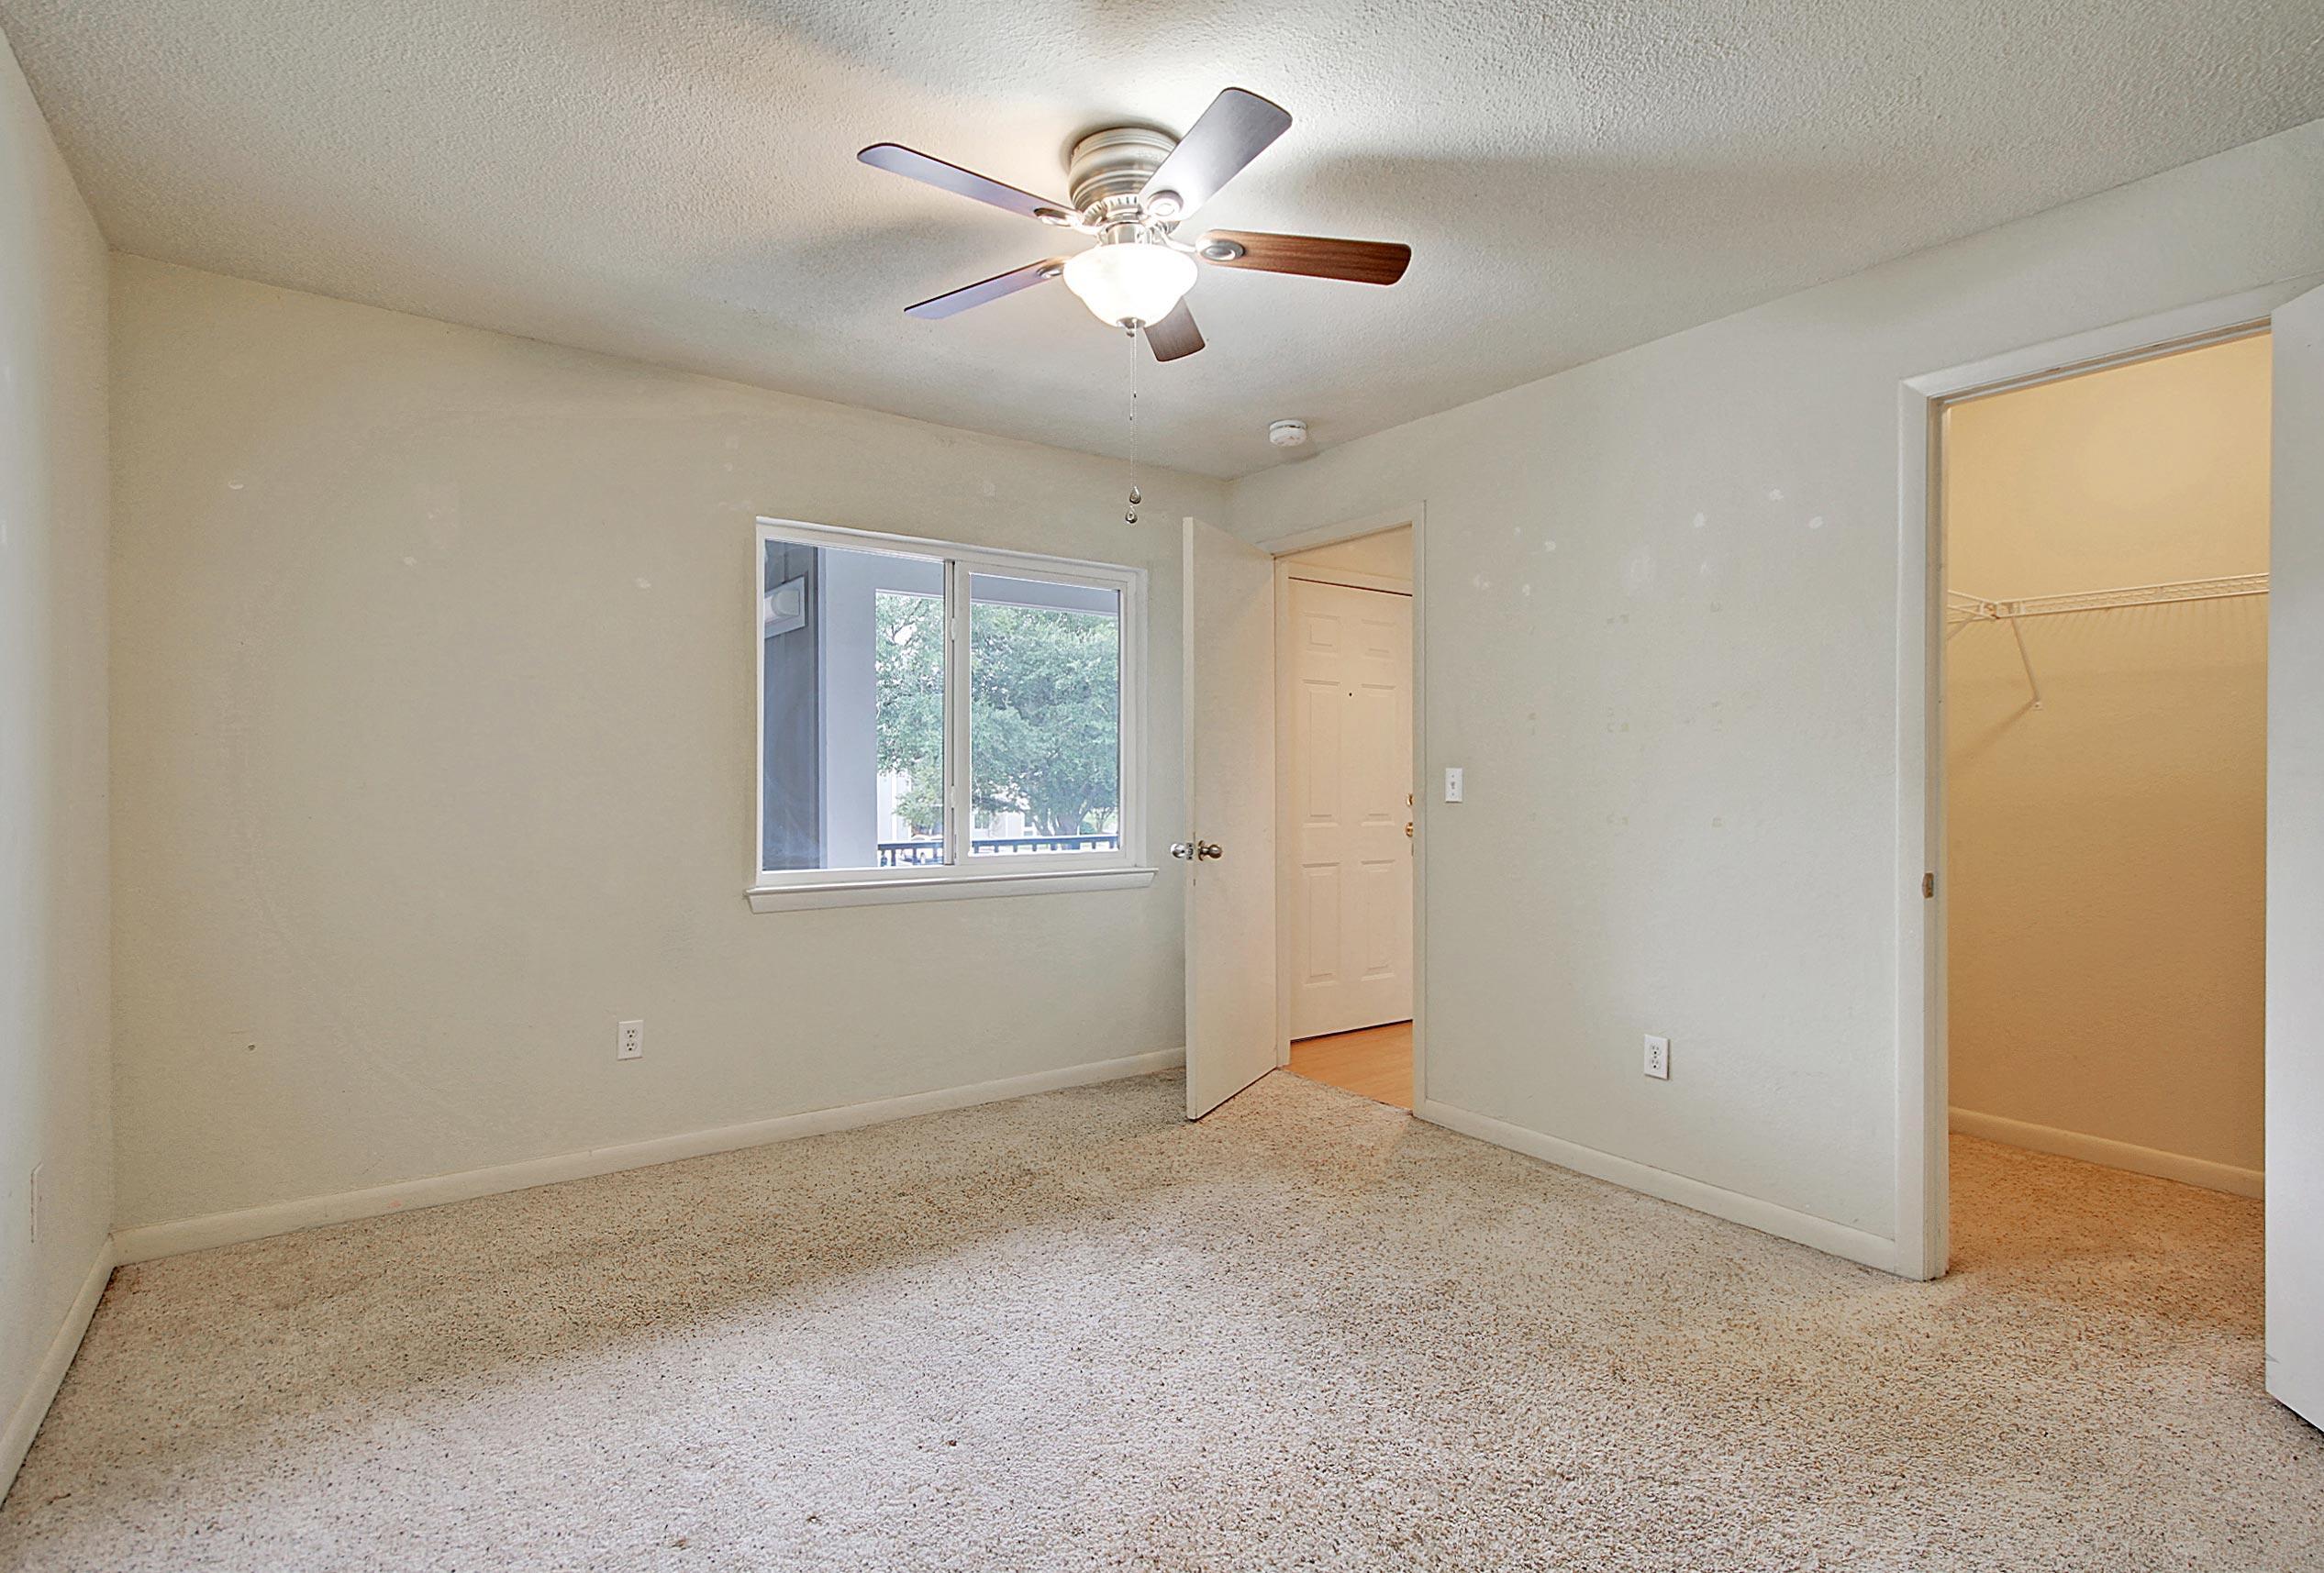 East Bridge Town Lofts Homes For Sale - 273 Alexandra, Mount Pleasant, SC - 11